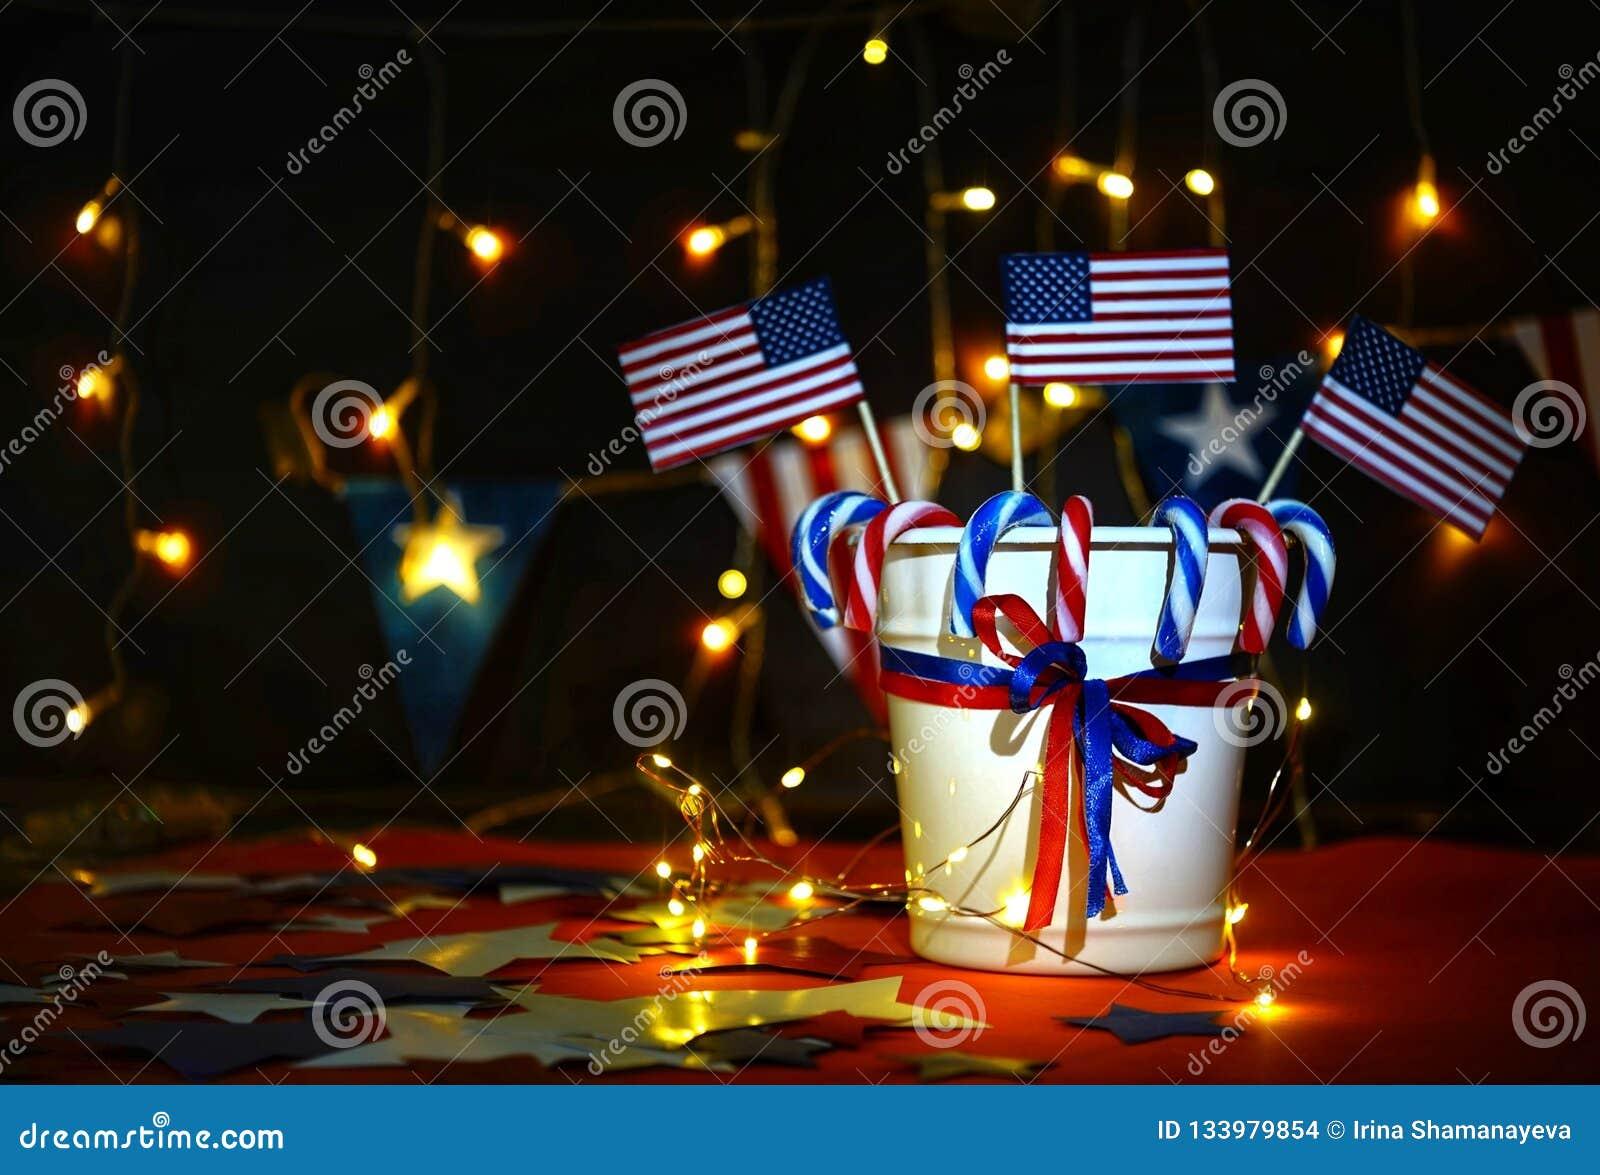 Дисплей фейерверков празднует День независимости нации Соединенных Штатов Америки 4-го июля с мы флаг,